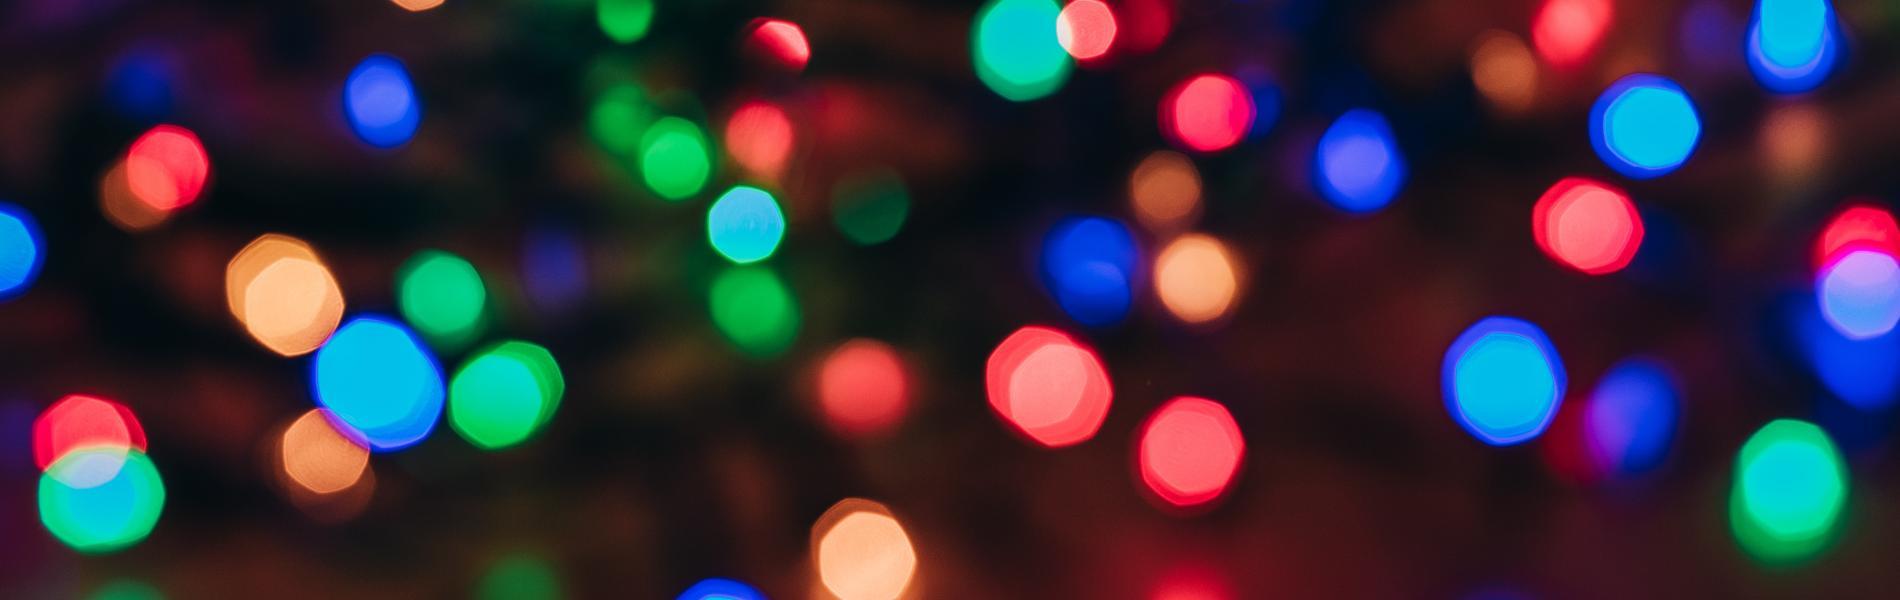 Downtown Christmas Light Show